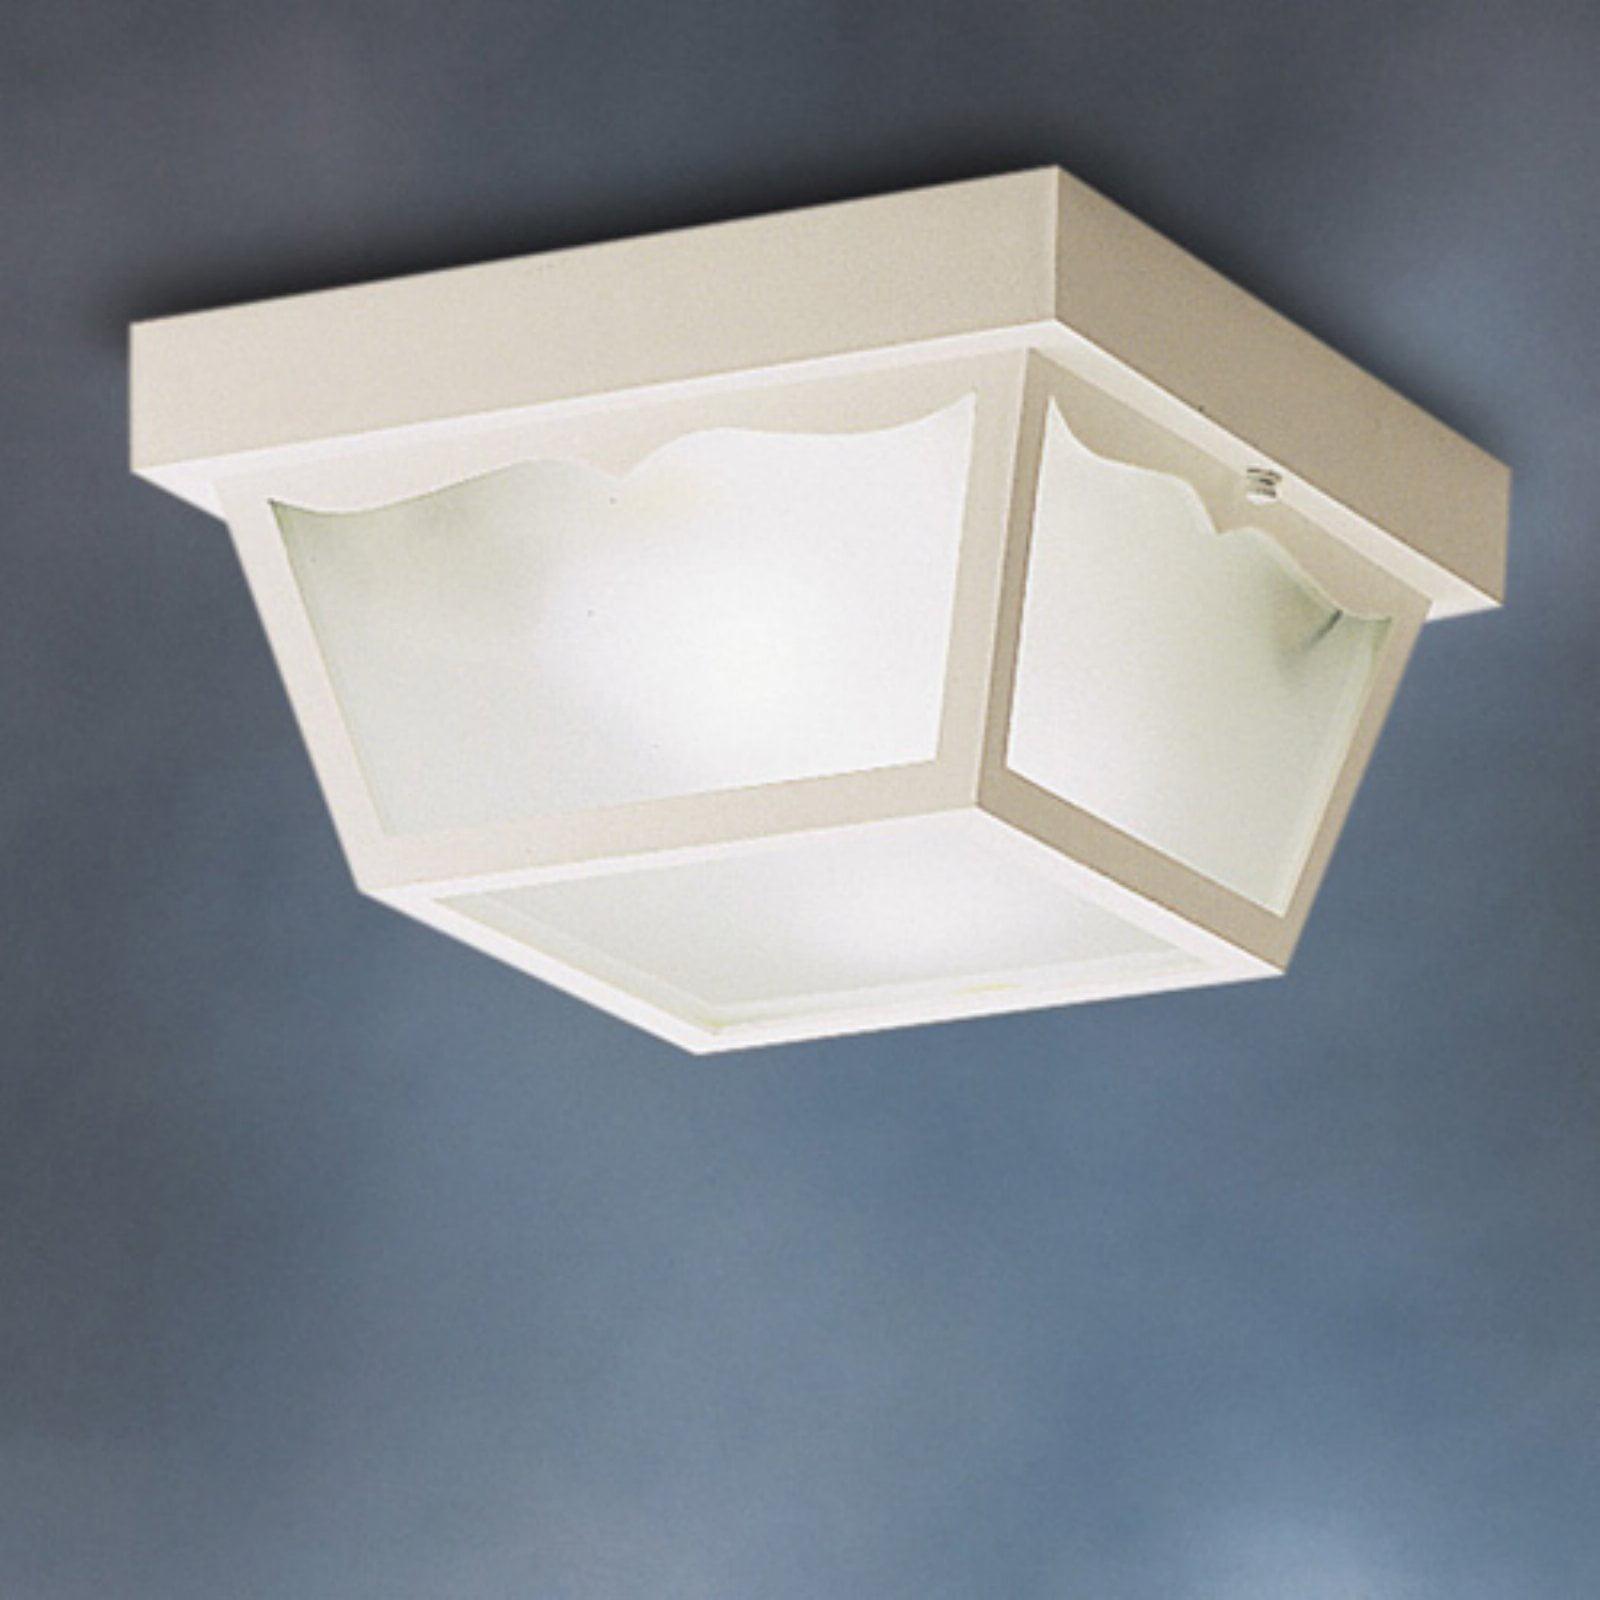 Kichler Outdoor Plastic Fixtures 9322 Outdoor Ceiling - 10.5 in.